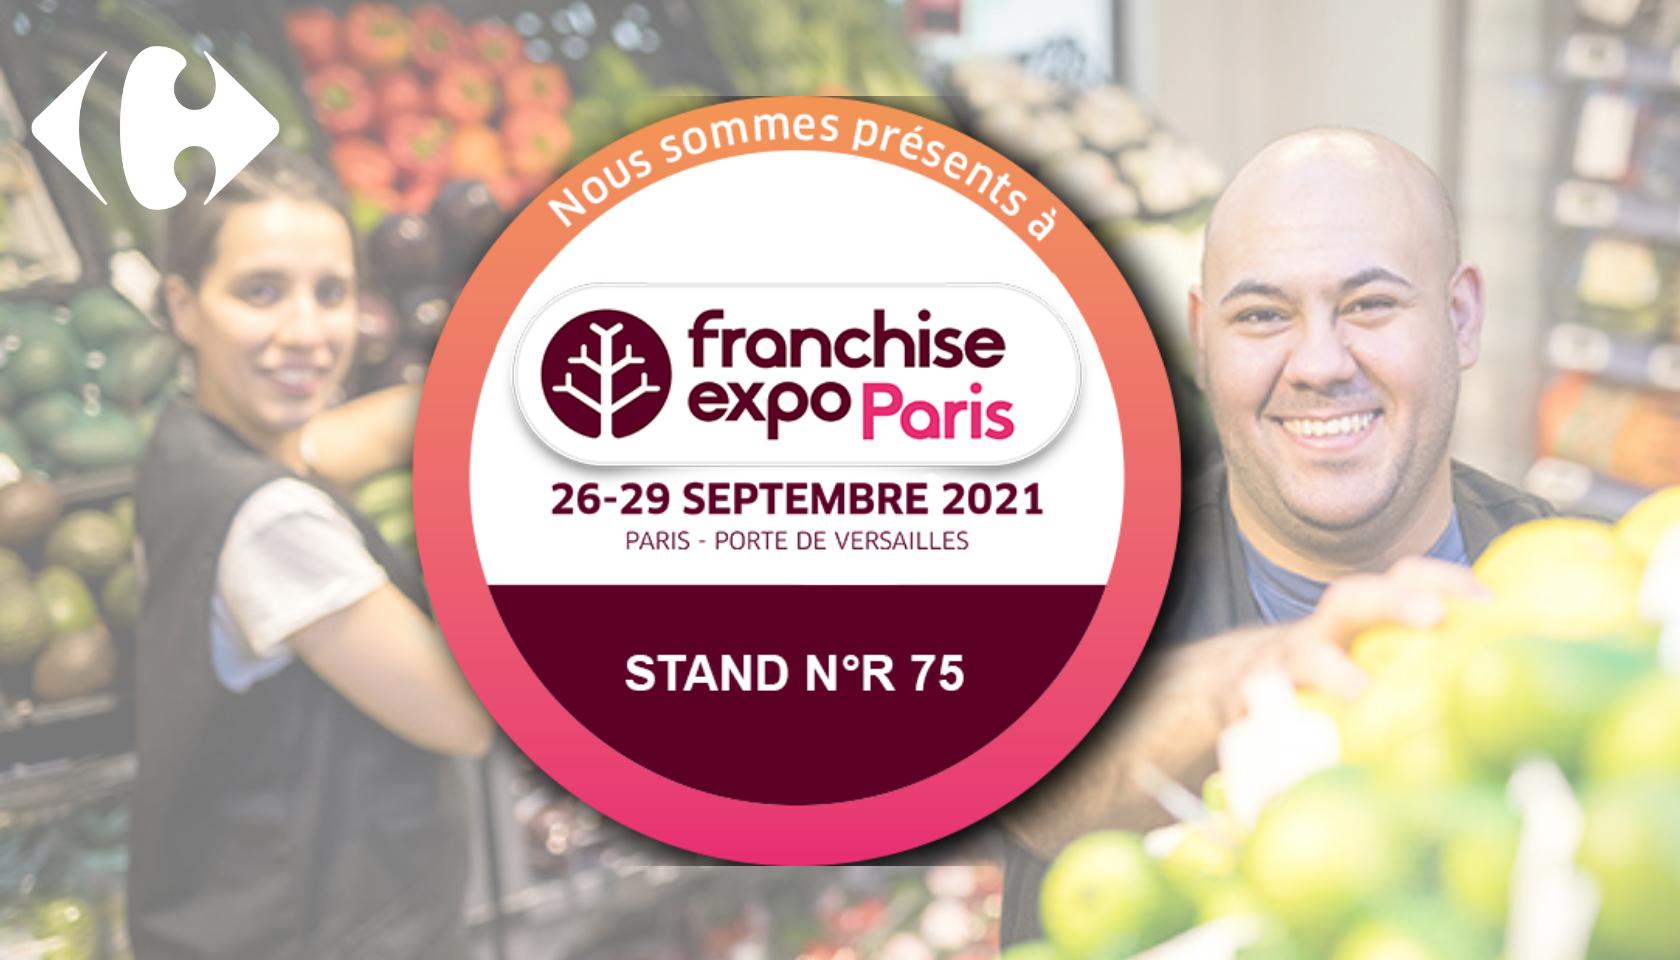 Salon de la Franchise du 26 au 29 septembre, venez nous rencontrer et discutons de votre projet !